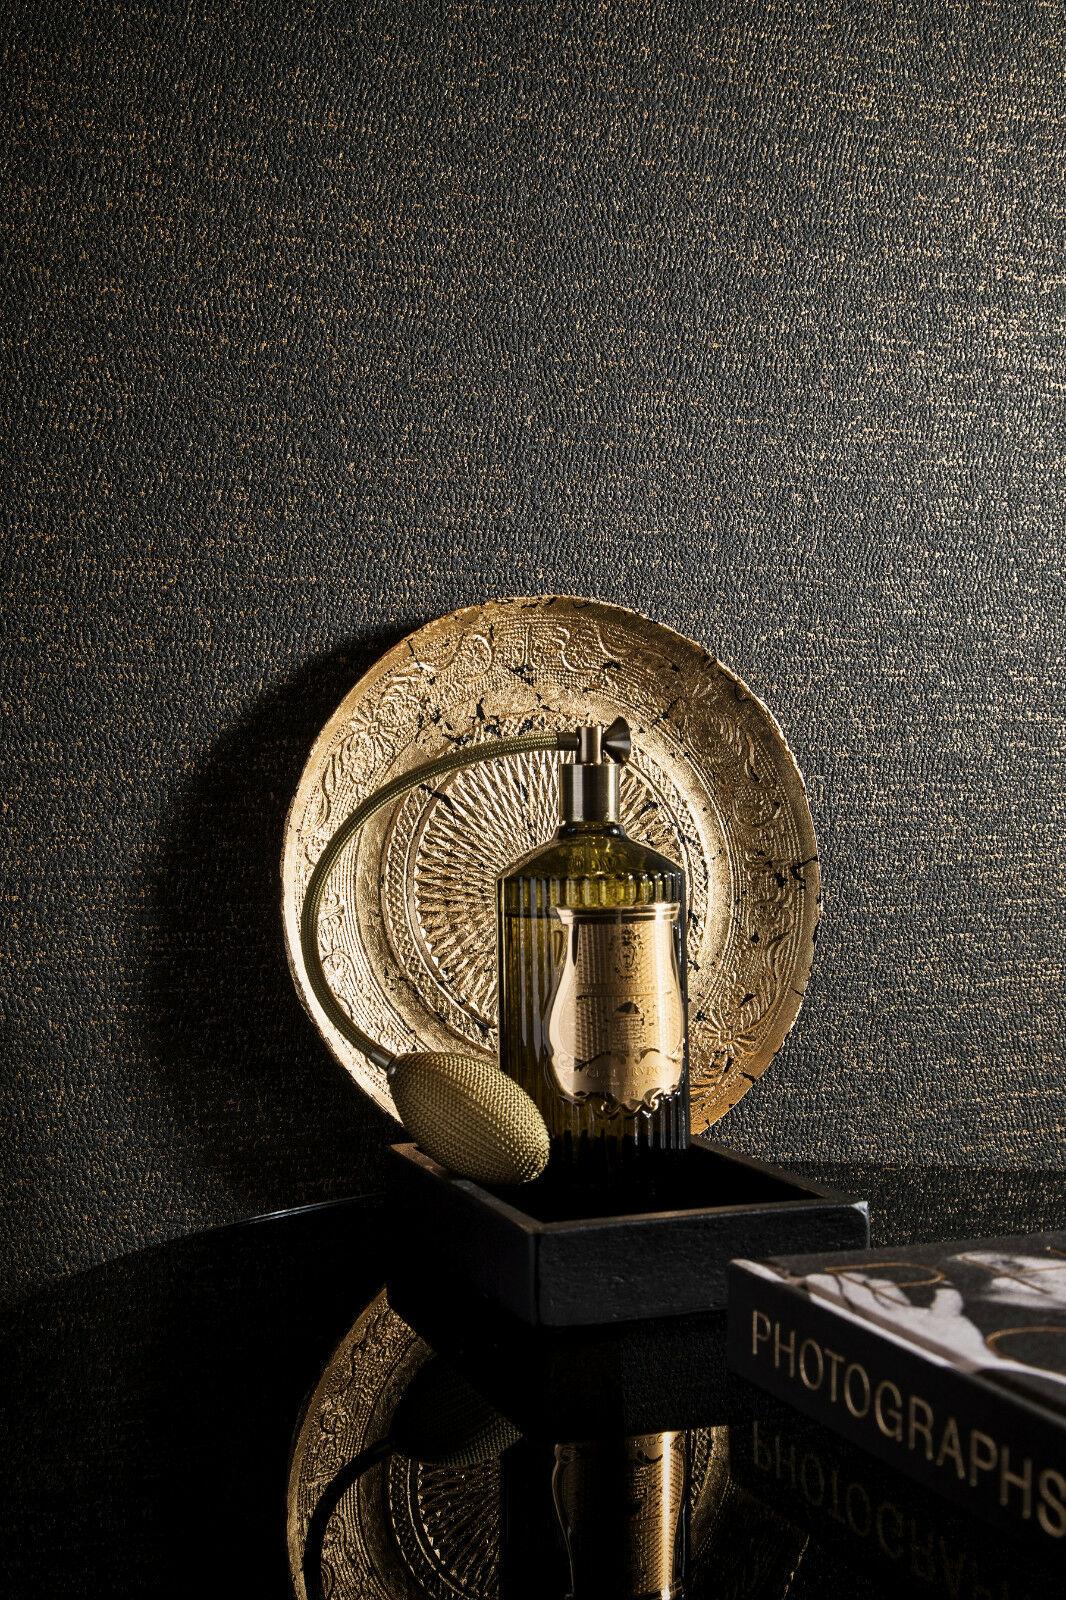 vlies tapete uni struktur dunkel braun schwarz gold loft kaufen bei joratrend e k. Black Bedroom Furniture Sets. Home Design Ideas